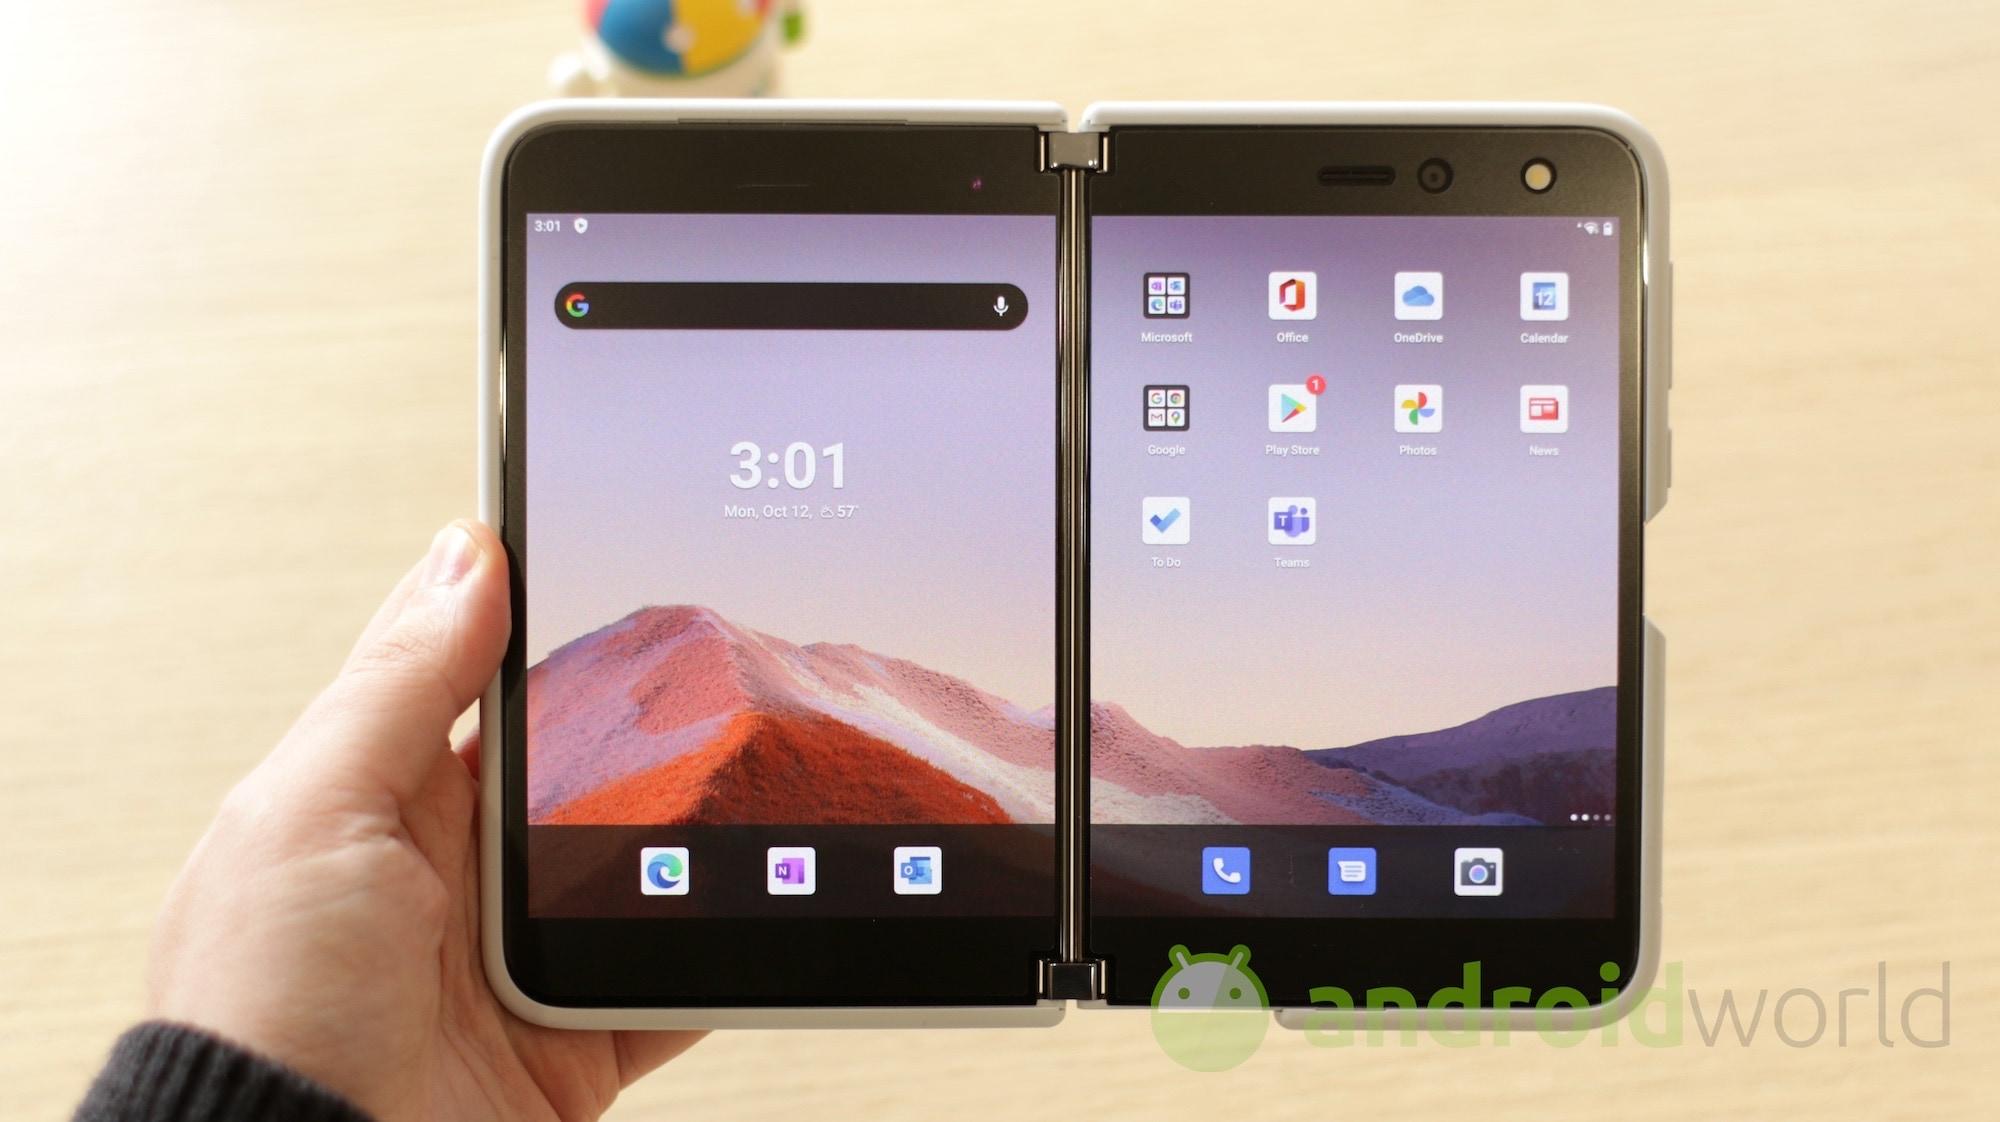 Finalmente Microsoft Surface Duo esce dagli USA per arrivare in Europa (ma non in Italia)